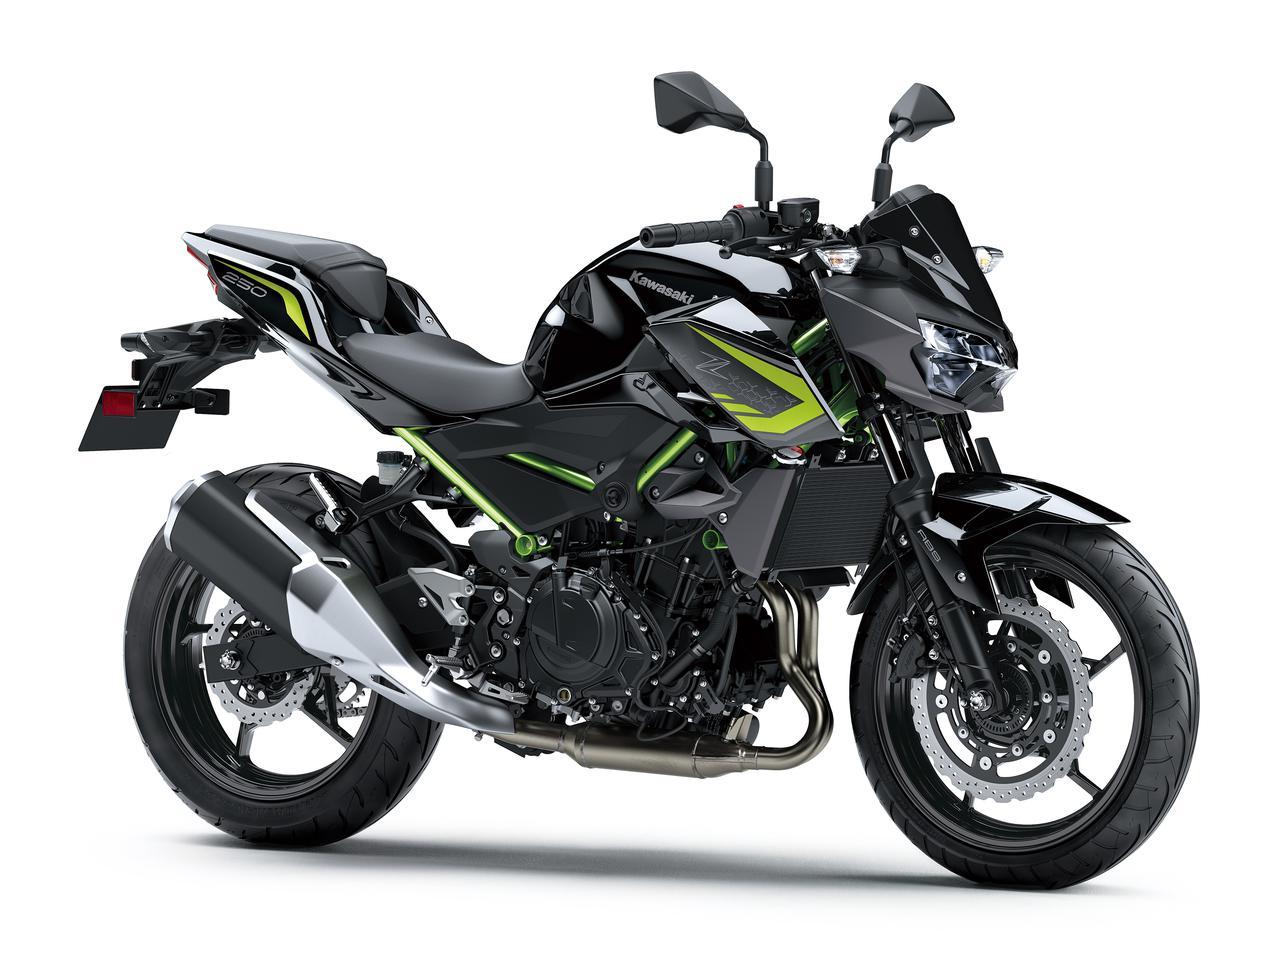 画像16: カワサキが「Z250」の2021年モデルを発売! 2020年モデルと比較してみよう【2021速報】